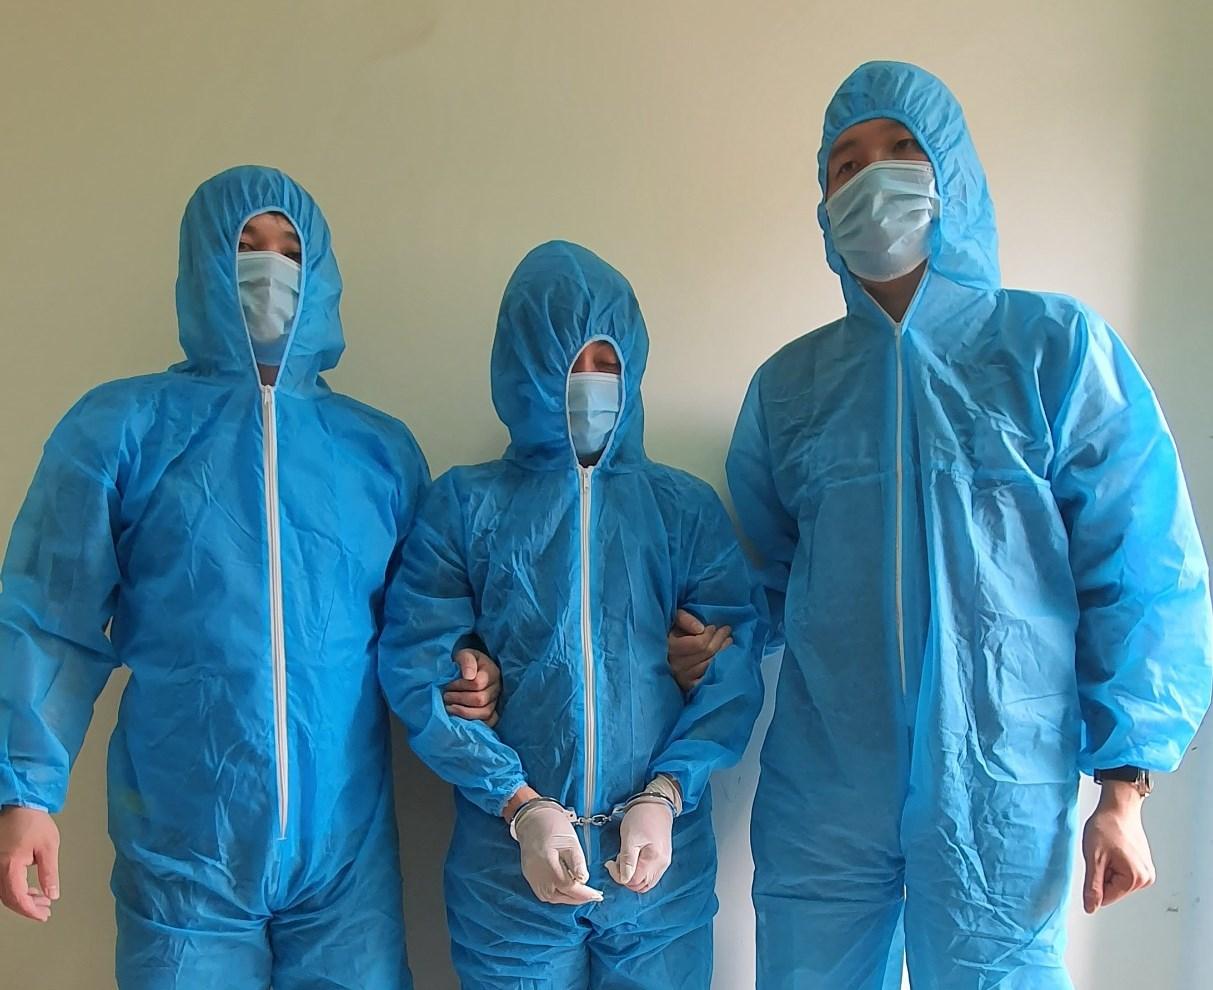 Cơ quan An ninh Điều tra, Công an tỉnh Quảng Ninh vận động đối tượng Lê Đức Đông( đứng giữa) ra đầu thú